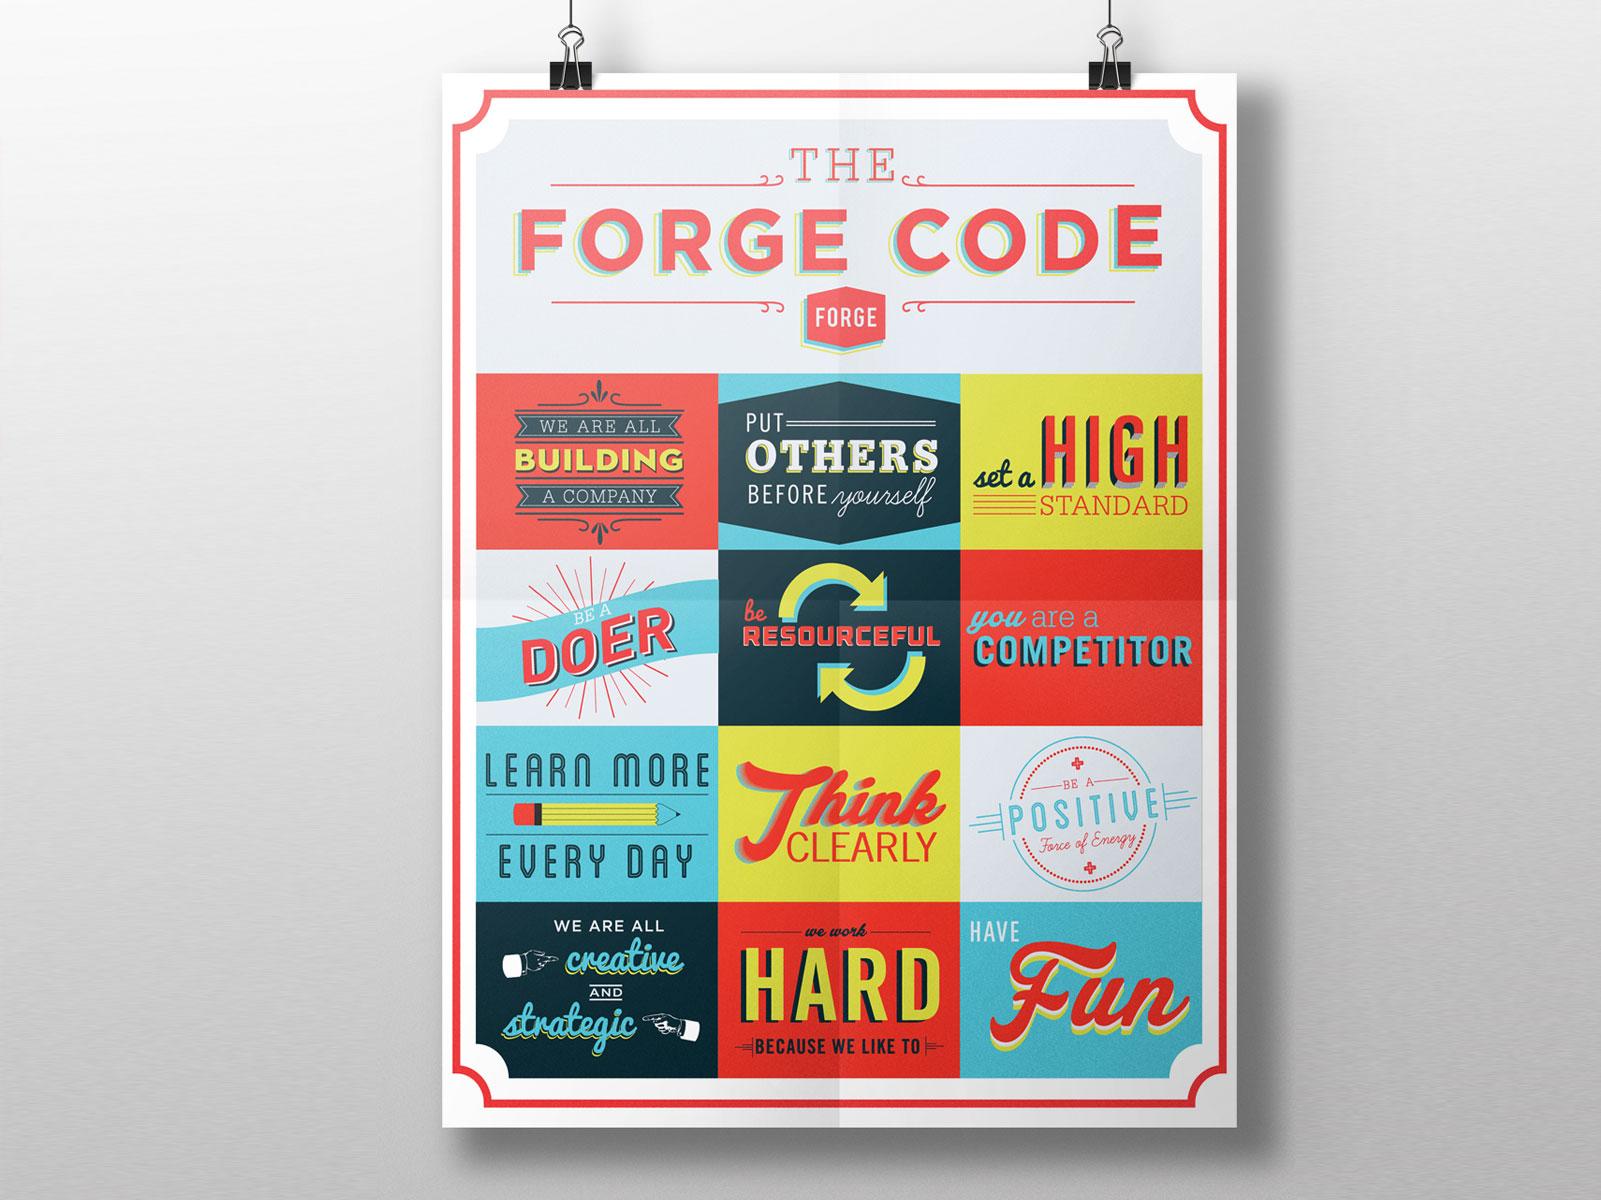 Forge_Brand_Board_04.jpg